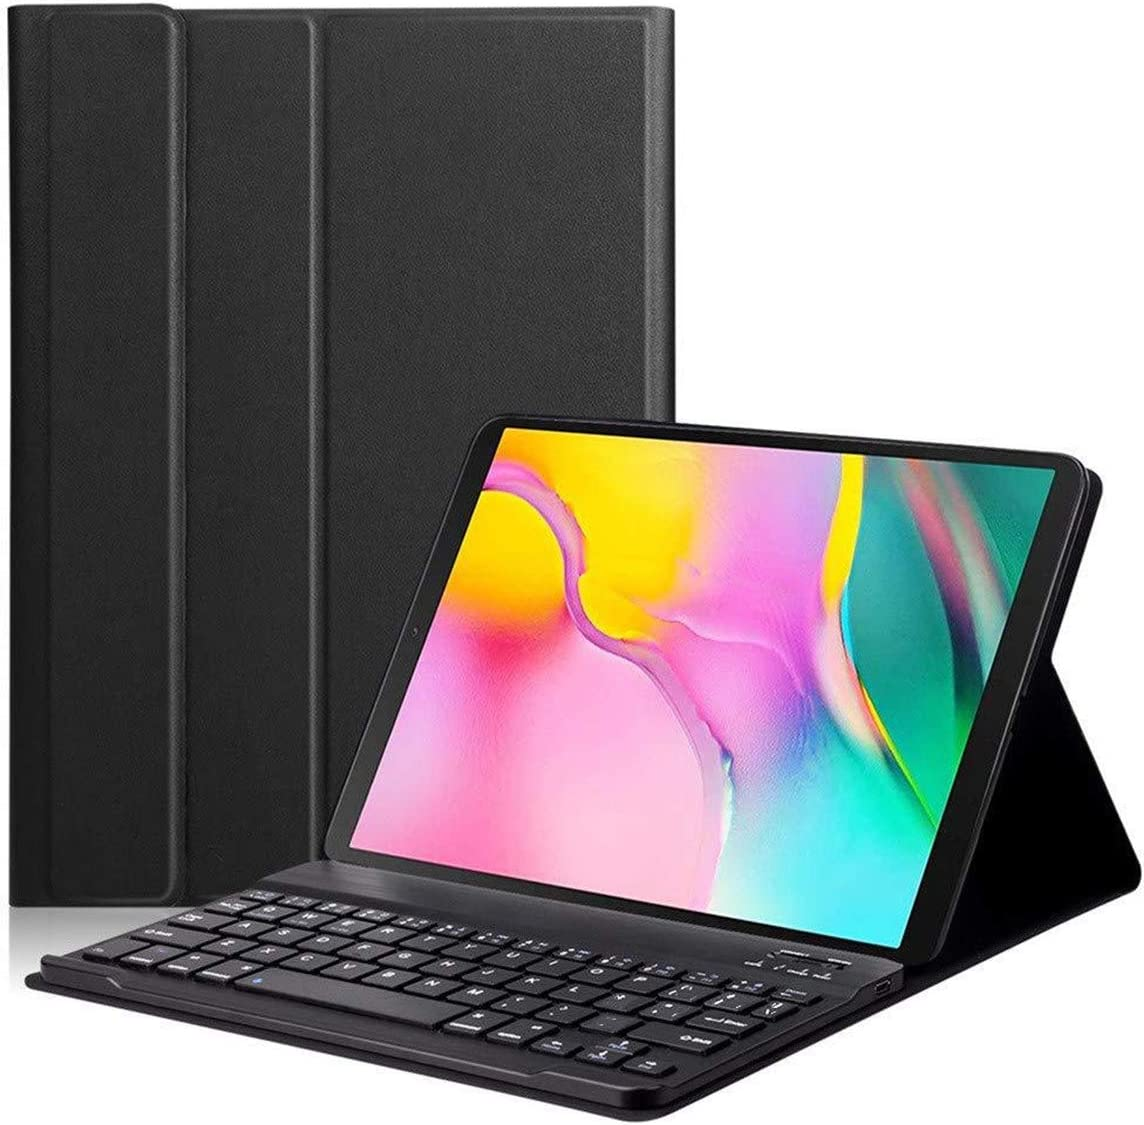 KILISON Funda con Español Teclado Estuche para Samsung Galaxy Tab A 2019 T510/T515 10.1, [Diseño Español Ñ] Teclado Bluetooth Inalámbrico Magnético Desmontable para Samsung Galaxy Tab A 10.1, Negro